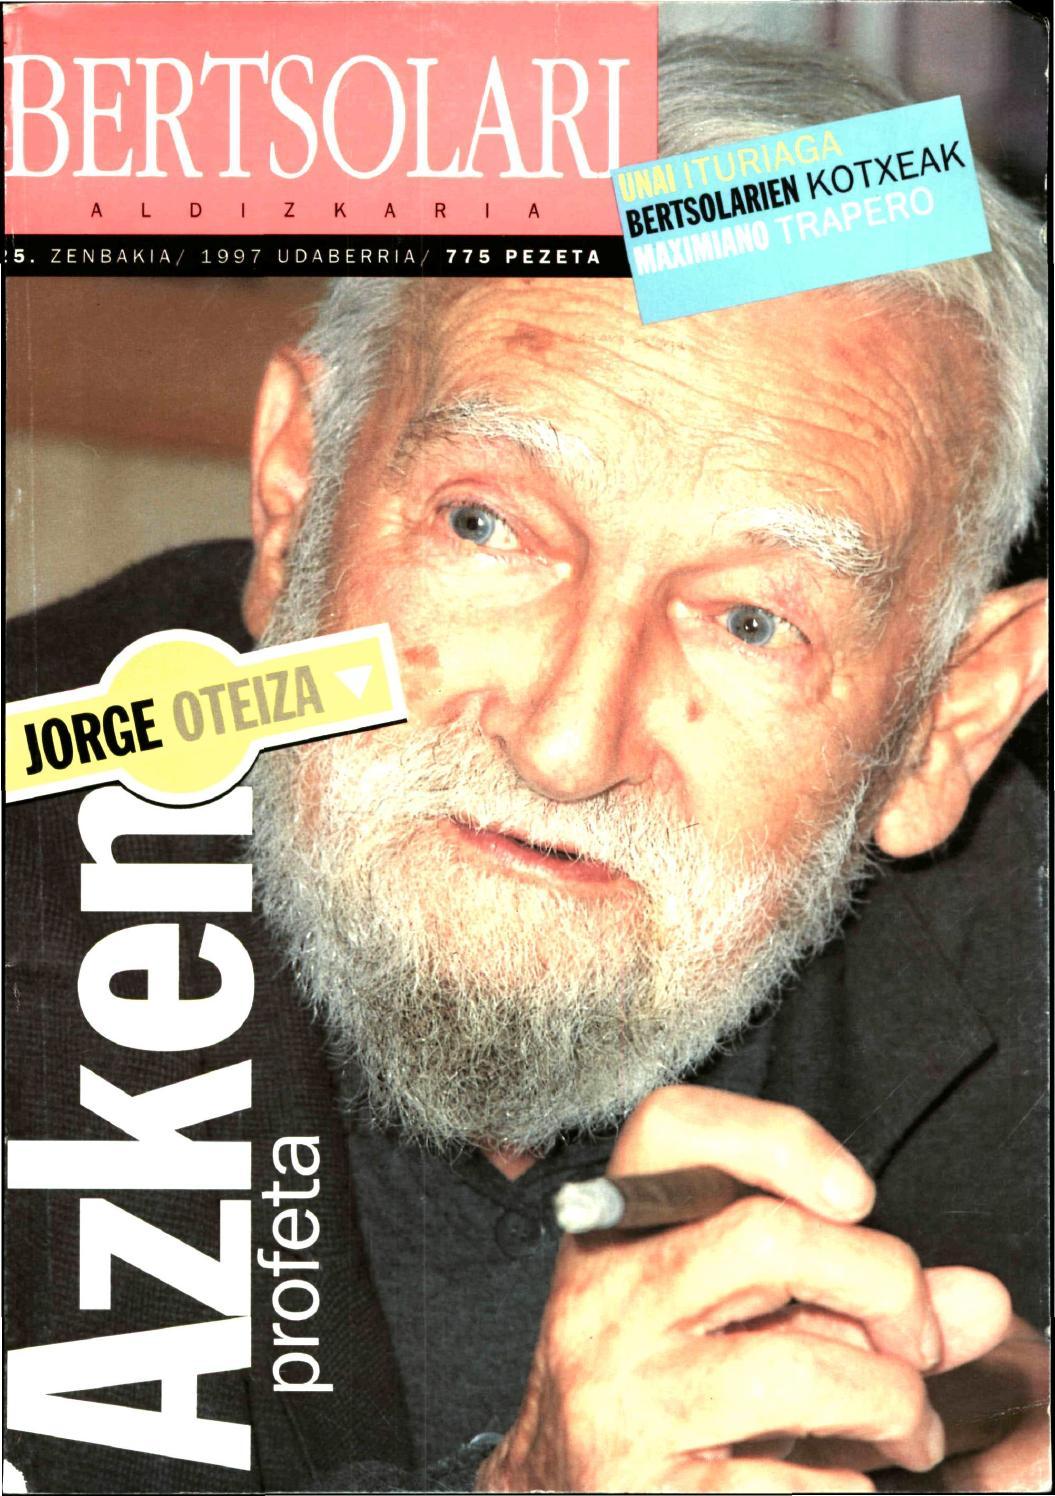 By Bertsolari Egunea 25Zenbakia Issuu Aldizkaria gmIf6Y7byv